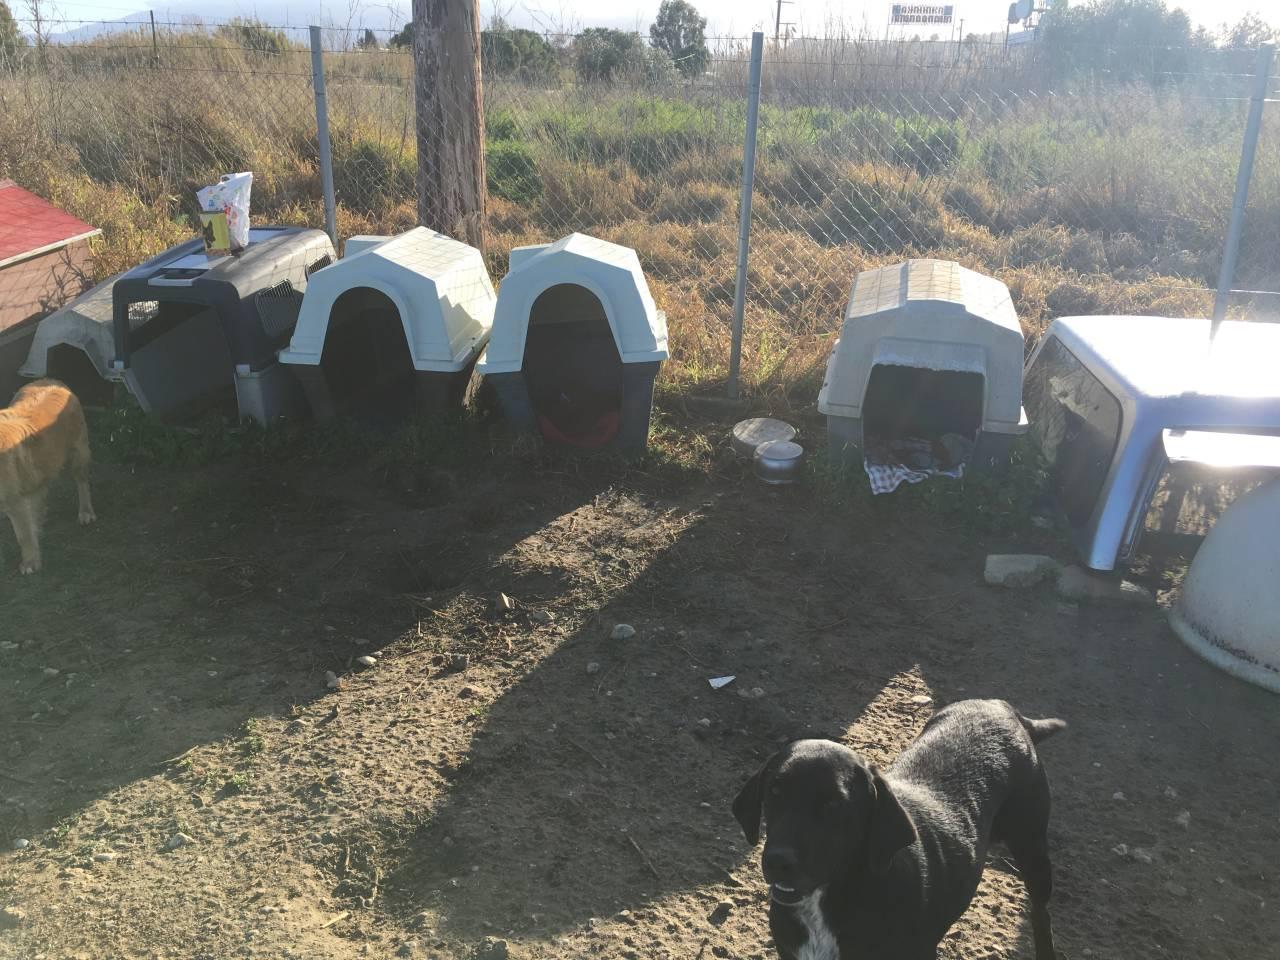 So leben Kanella und die weiteren Hunde zurzeit